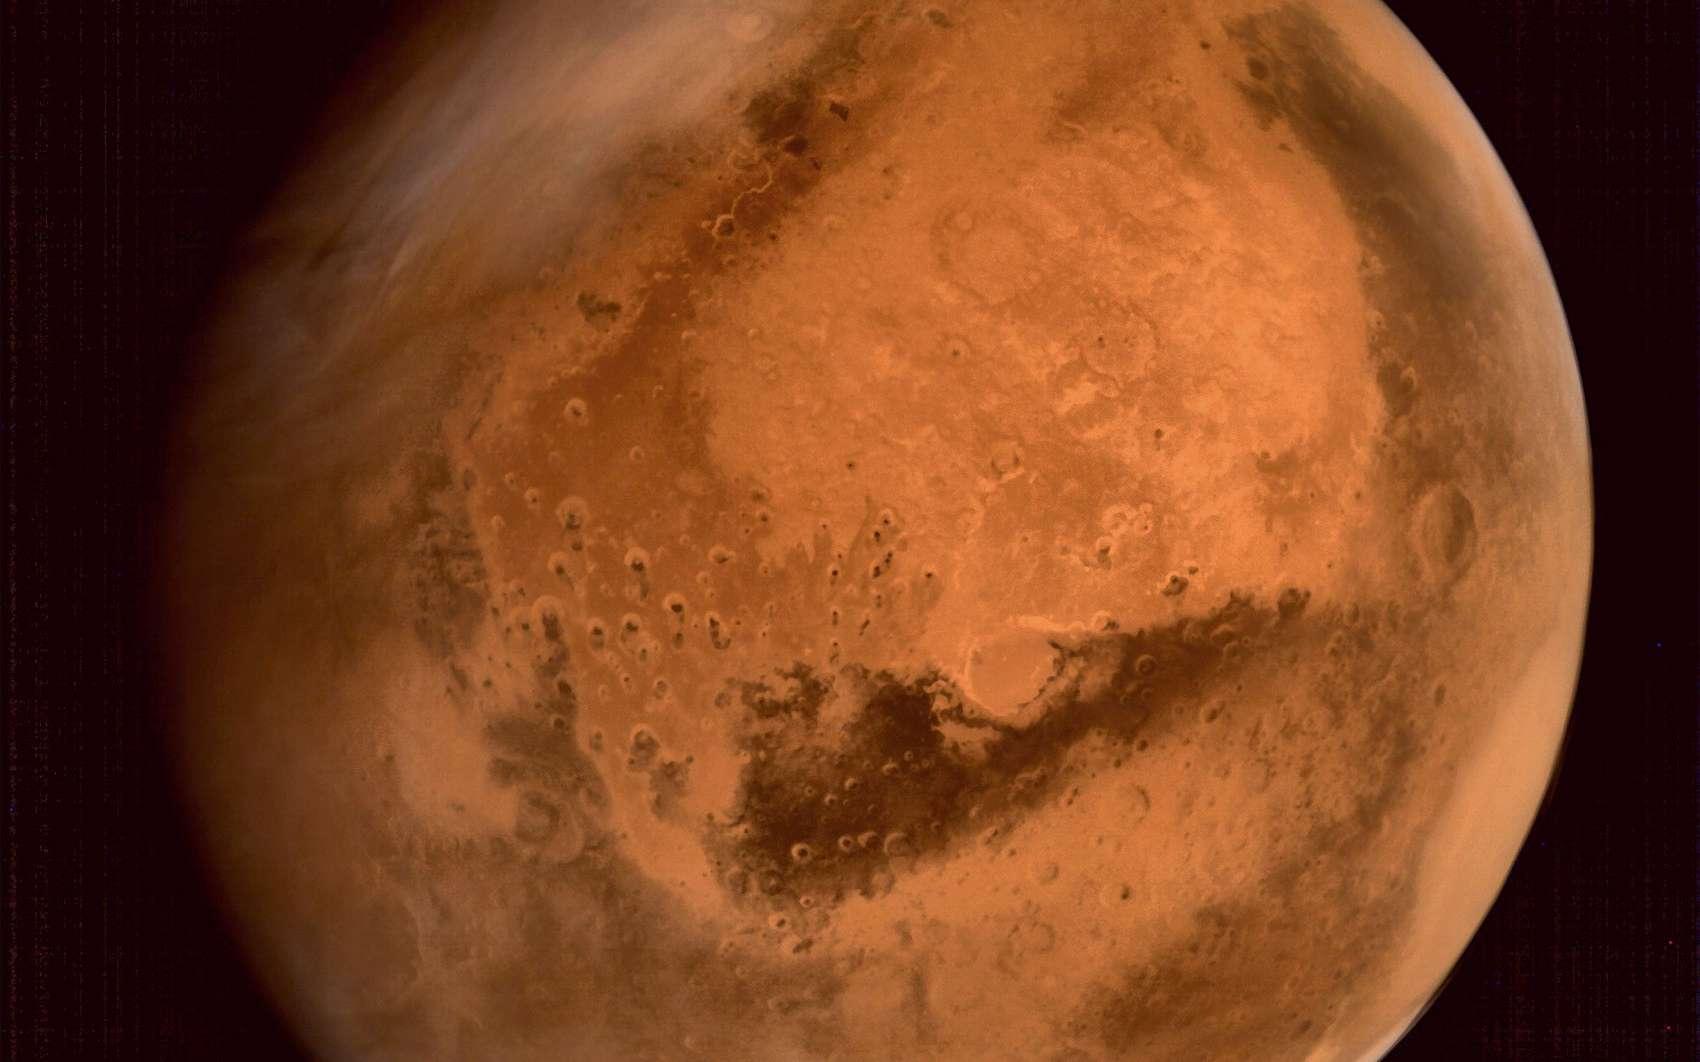 La planète Mars vue par la sonde MOM de l'agence spatiale indienne. © Isro